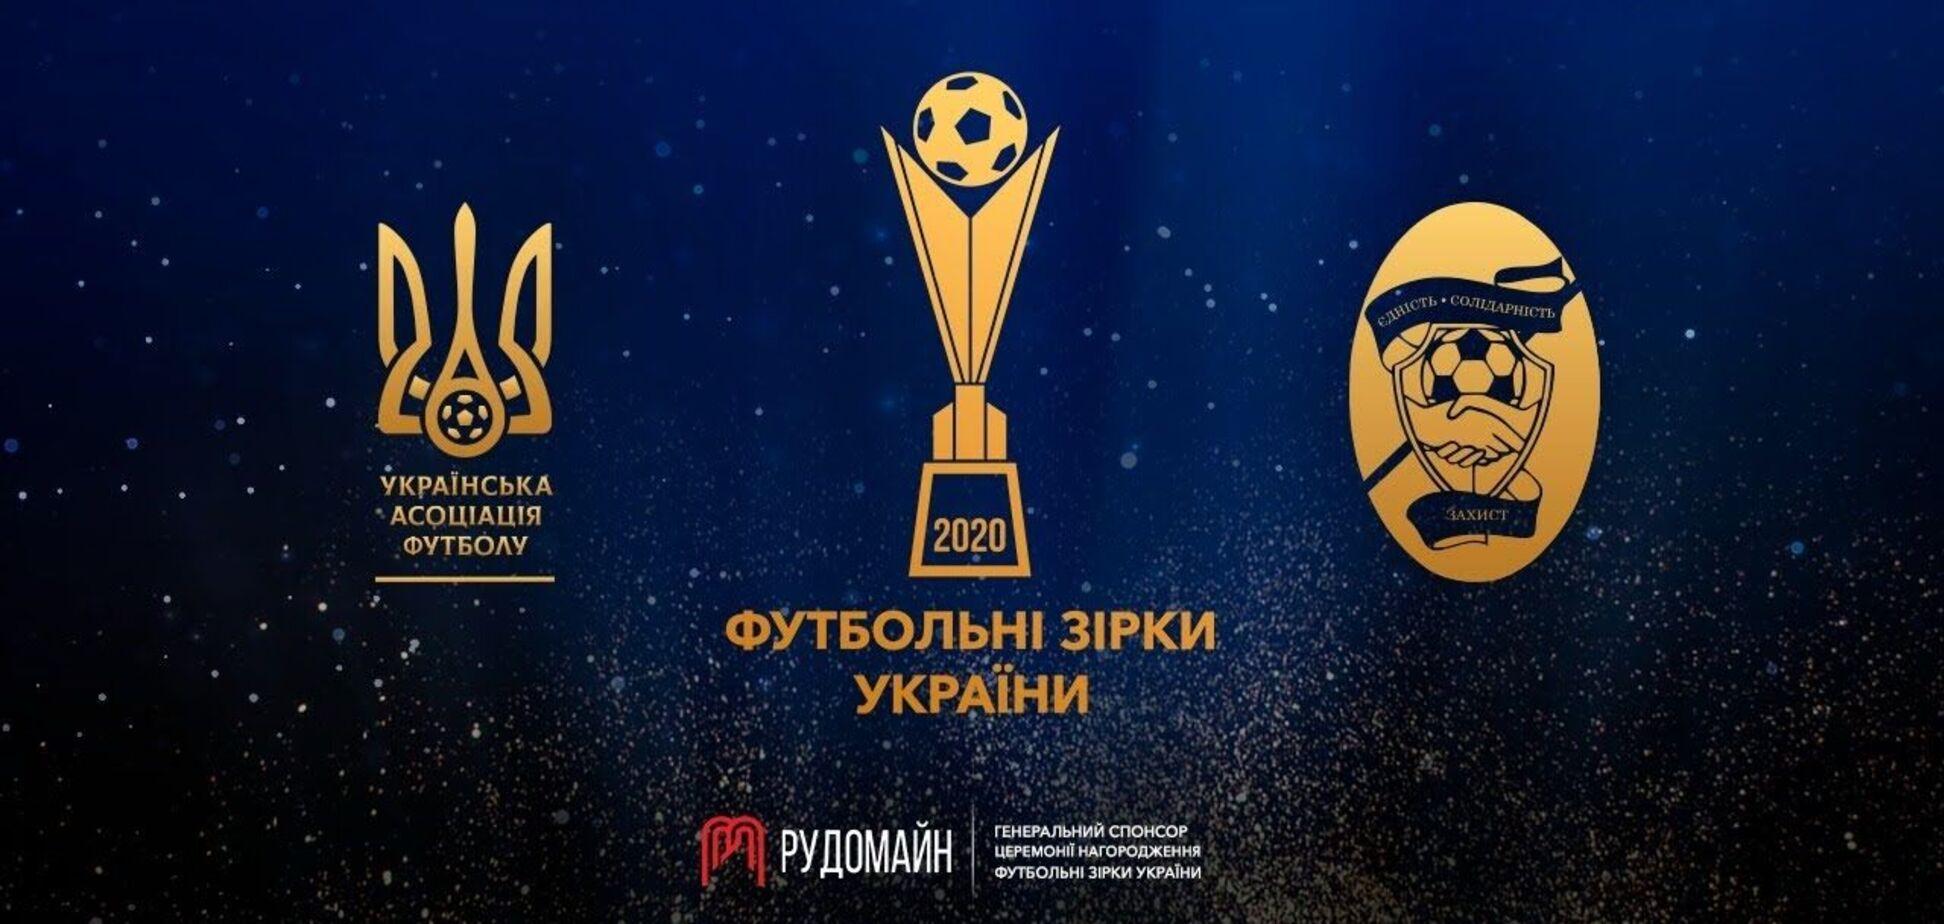 Футбольные звезды Украины-2020